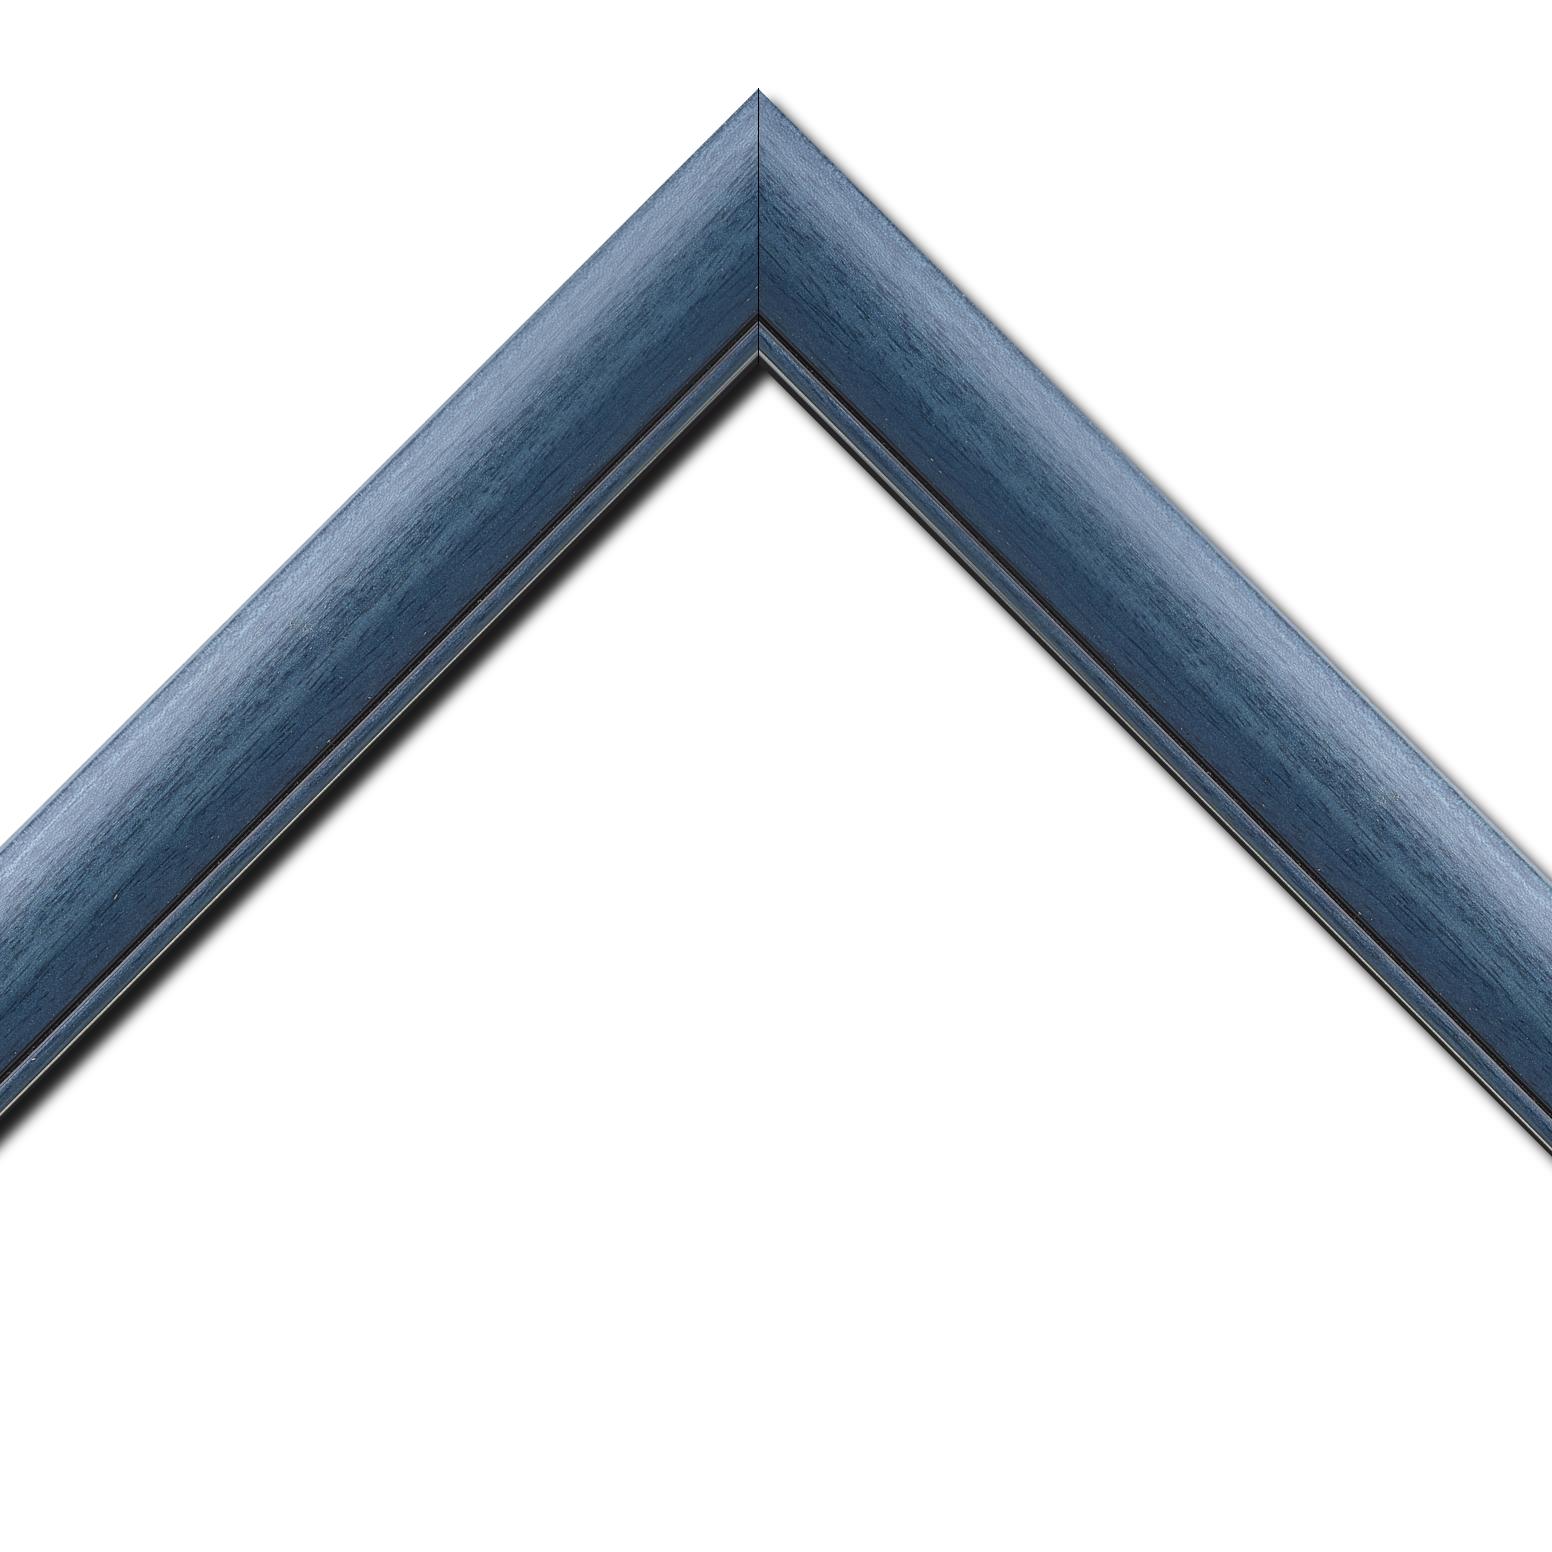 Baguette bois profil arrondi largeur 4.7cm couleur bleu cobalt satiné rehaussé d'un filet noir